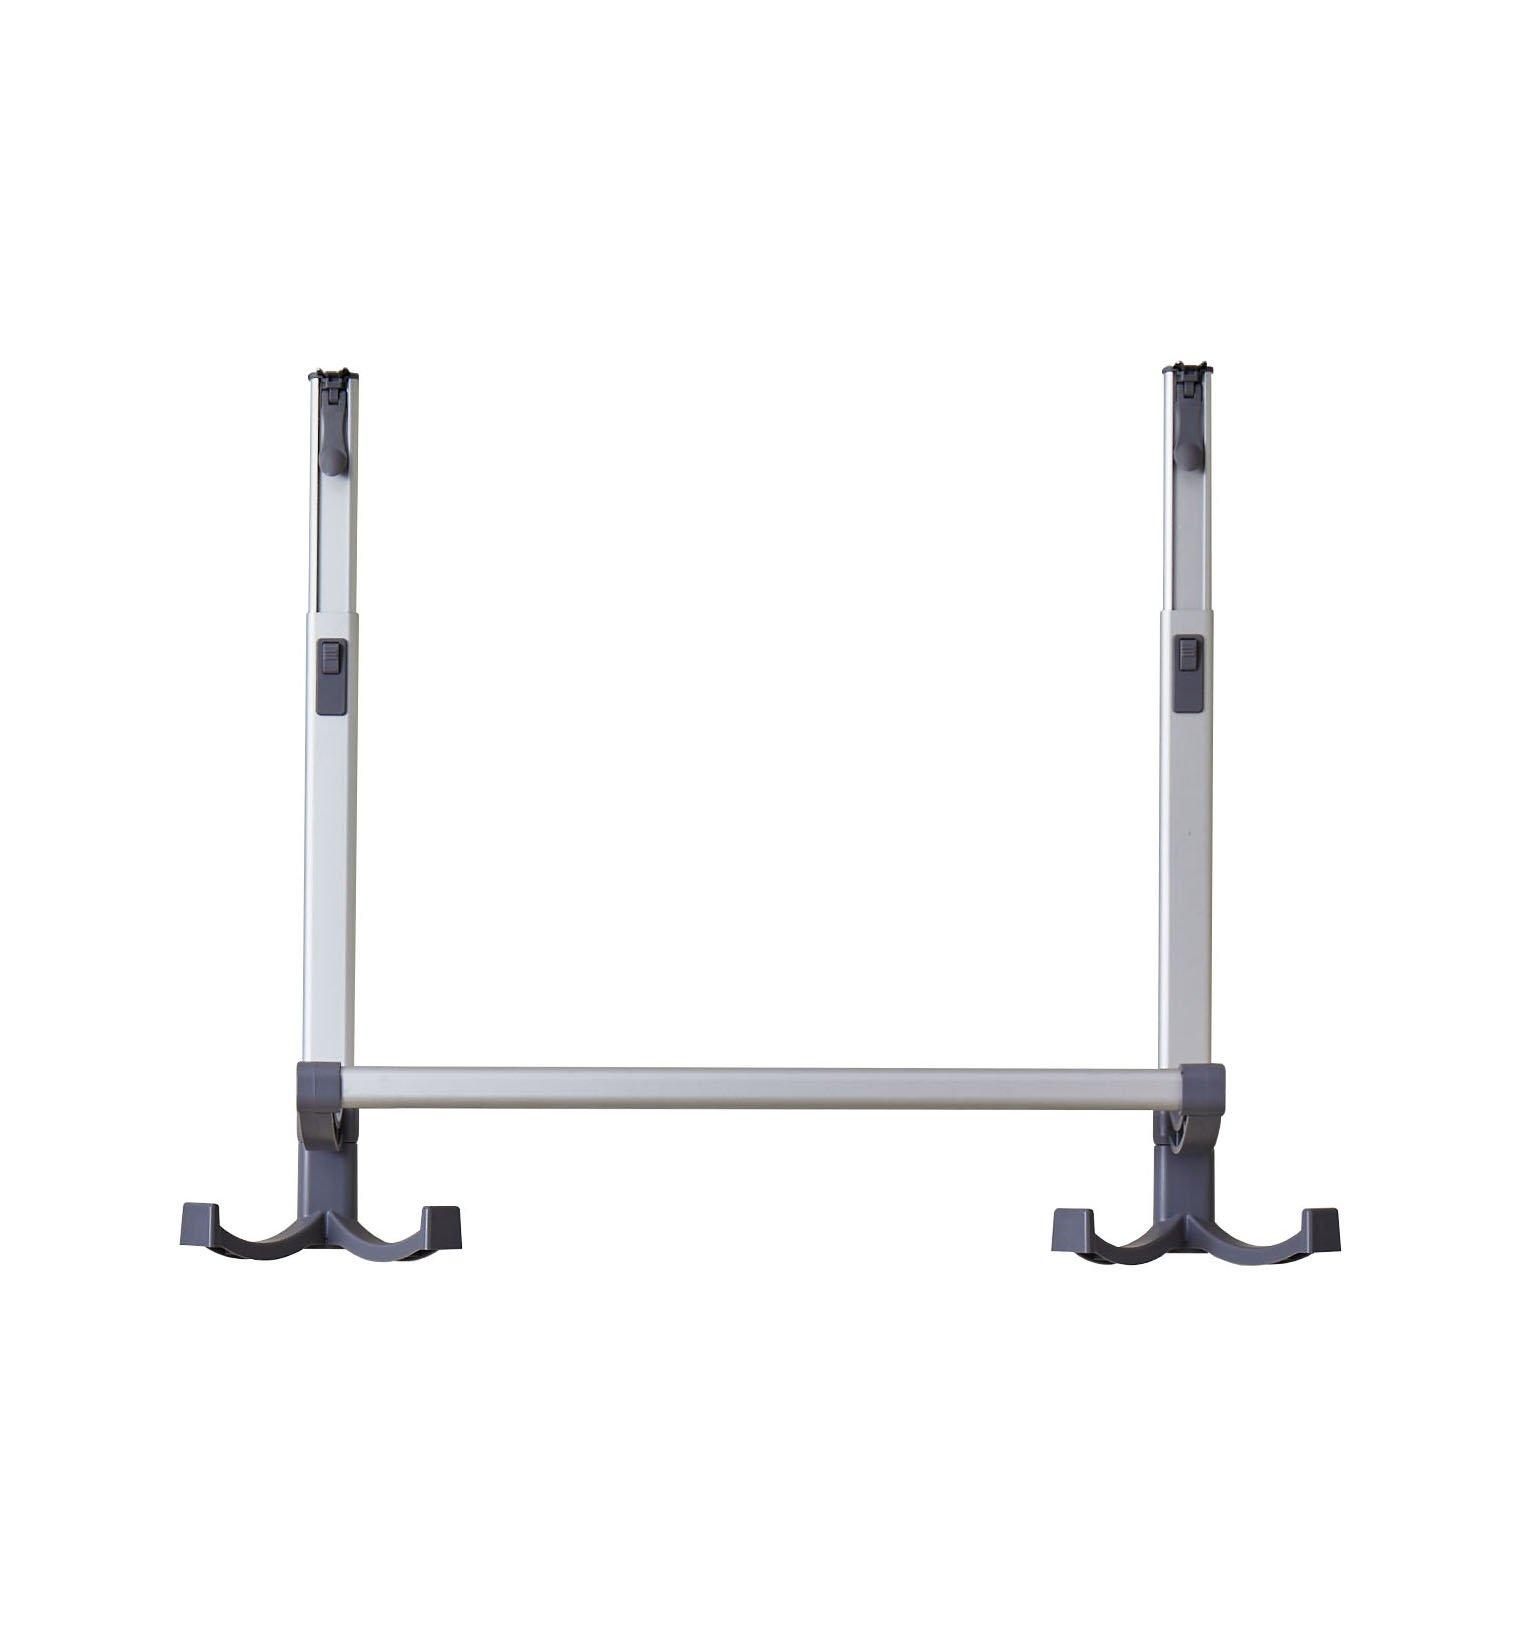 BathSense Height Adjustable Telescopic 20'' Over The Door Towel Rack with 4 Towel Hooks, Silver